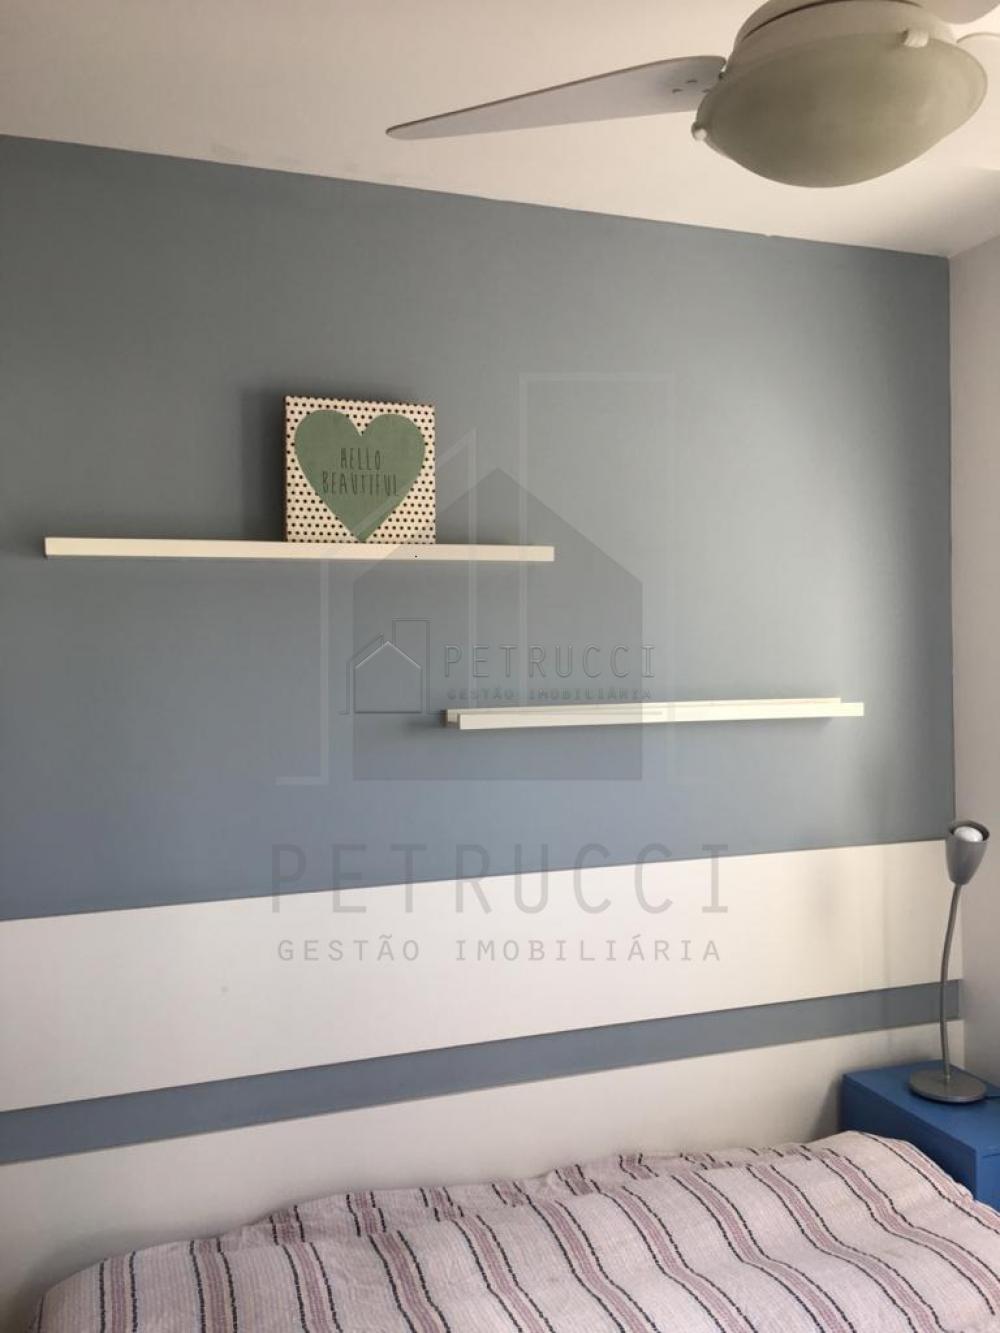 Alugar Apartamento / Padrão em Campinas R$ 3.000,00 - Foto 4